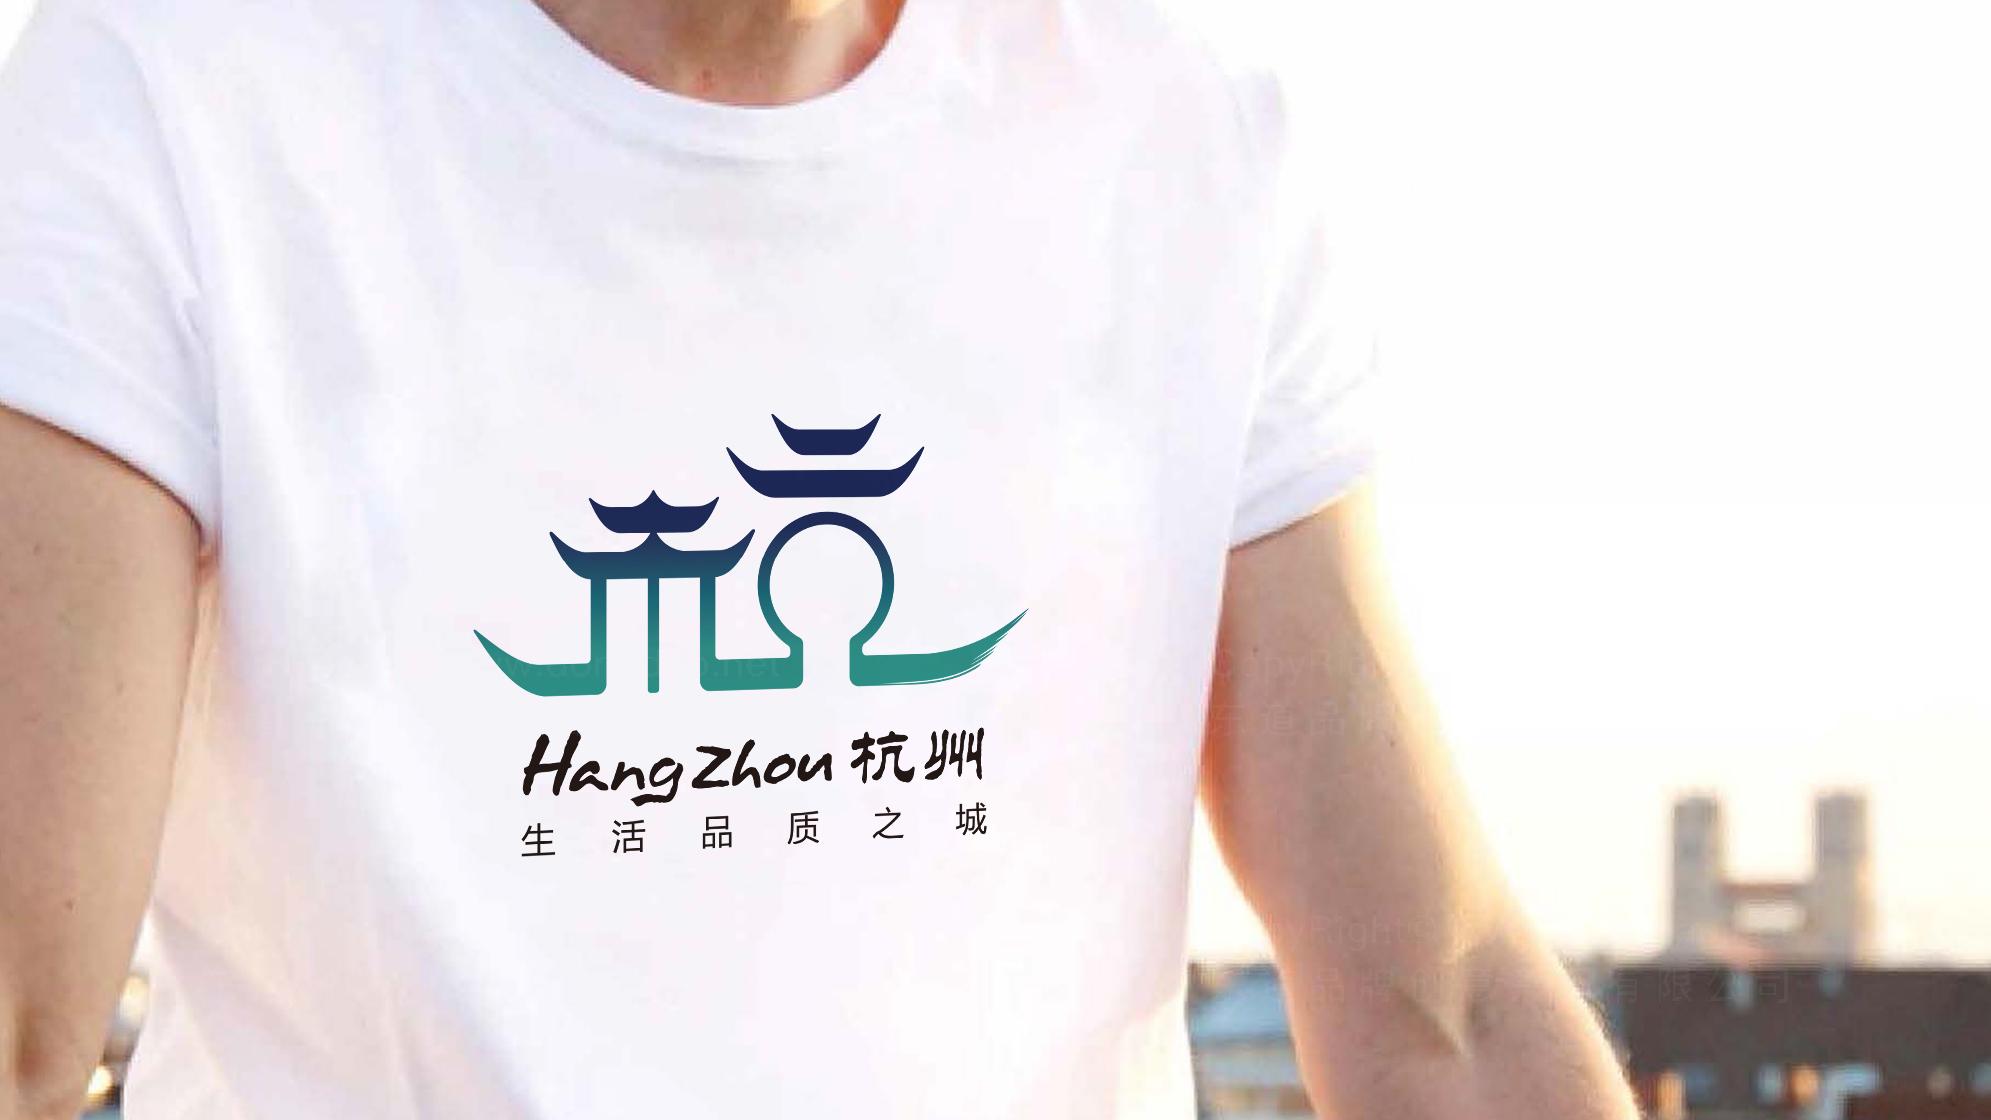 品牌设计杭州城LOGO&VI设计应用场景_8